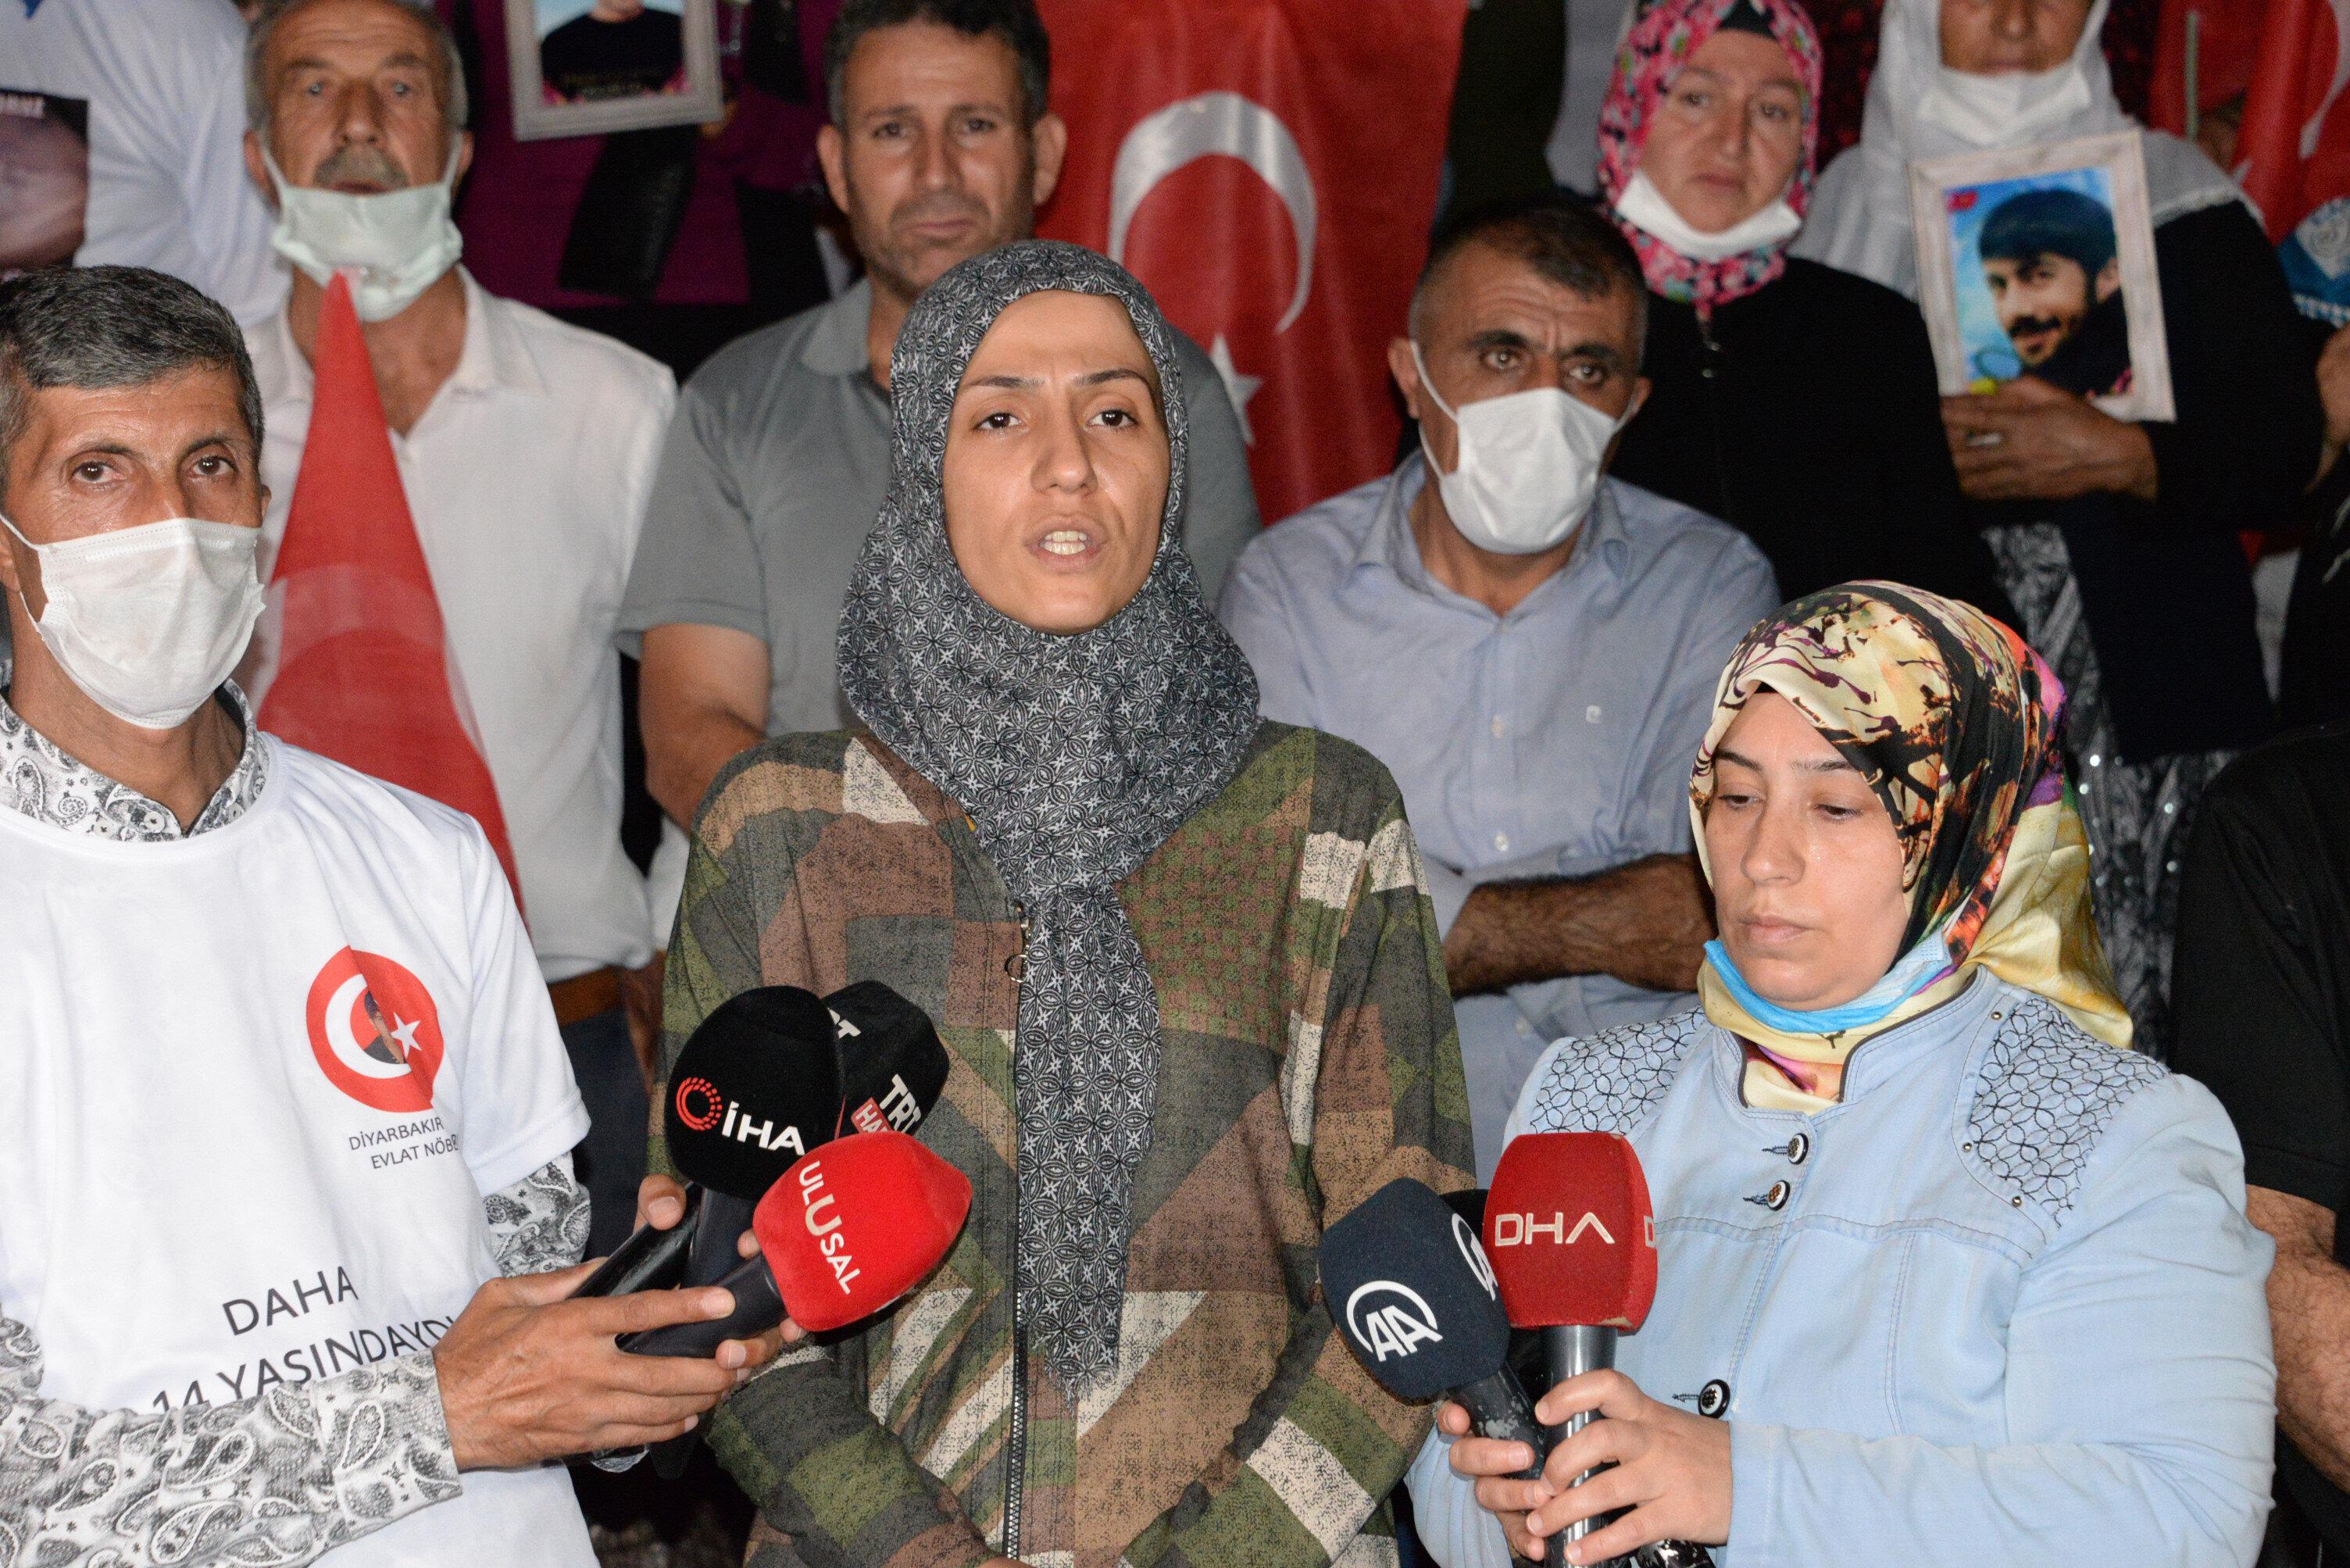 Diyarbakır anneleri bir çağrıda bulundu.